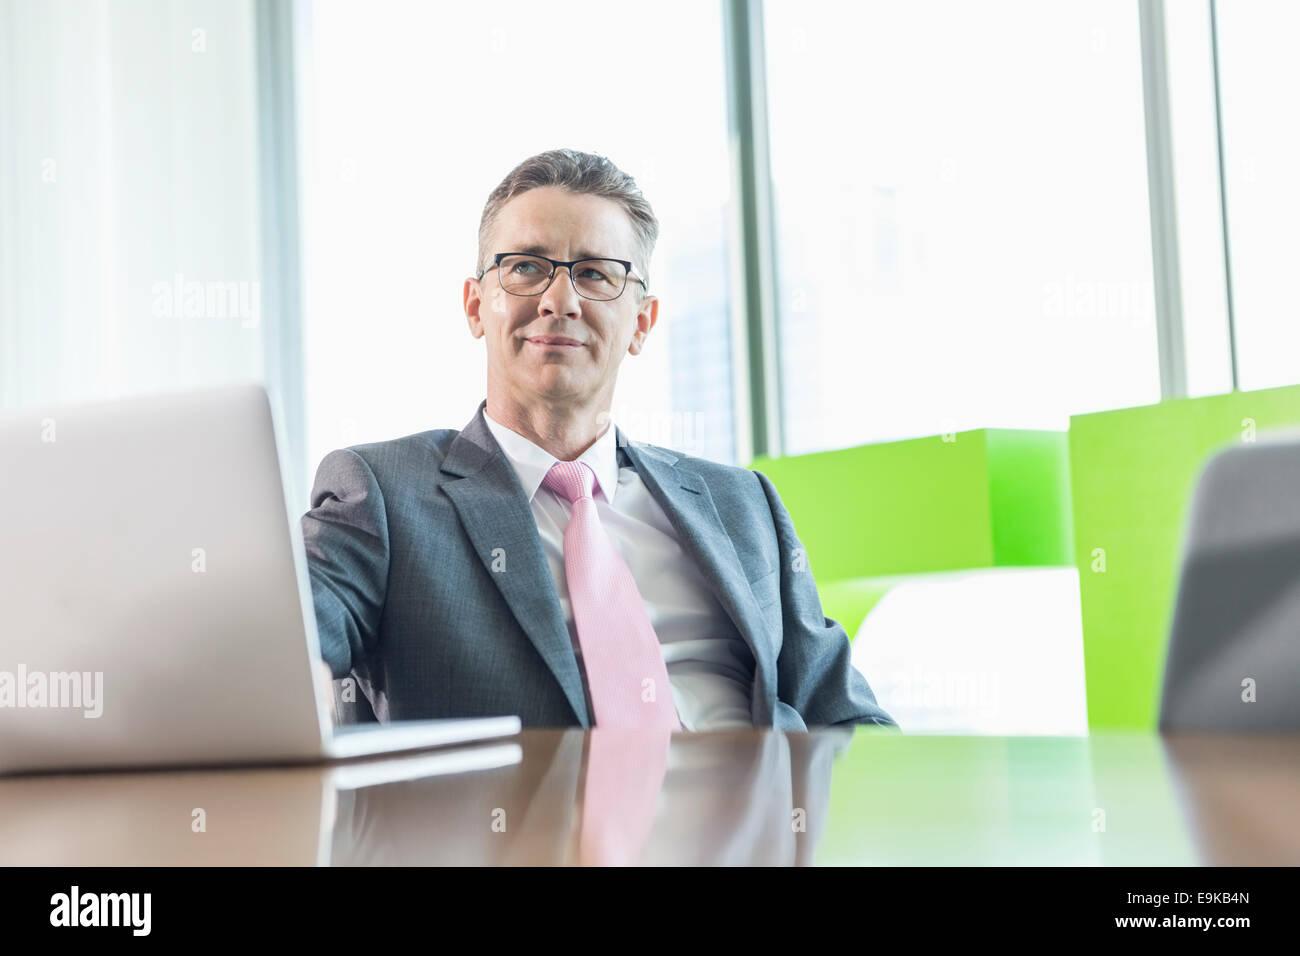 Empresario de mediana edad con laptop sentado en una mesa de conferencias Foto de stock